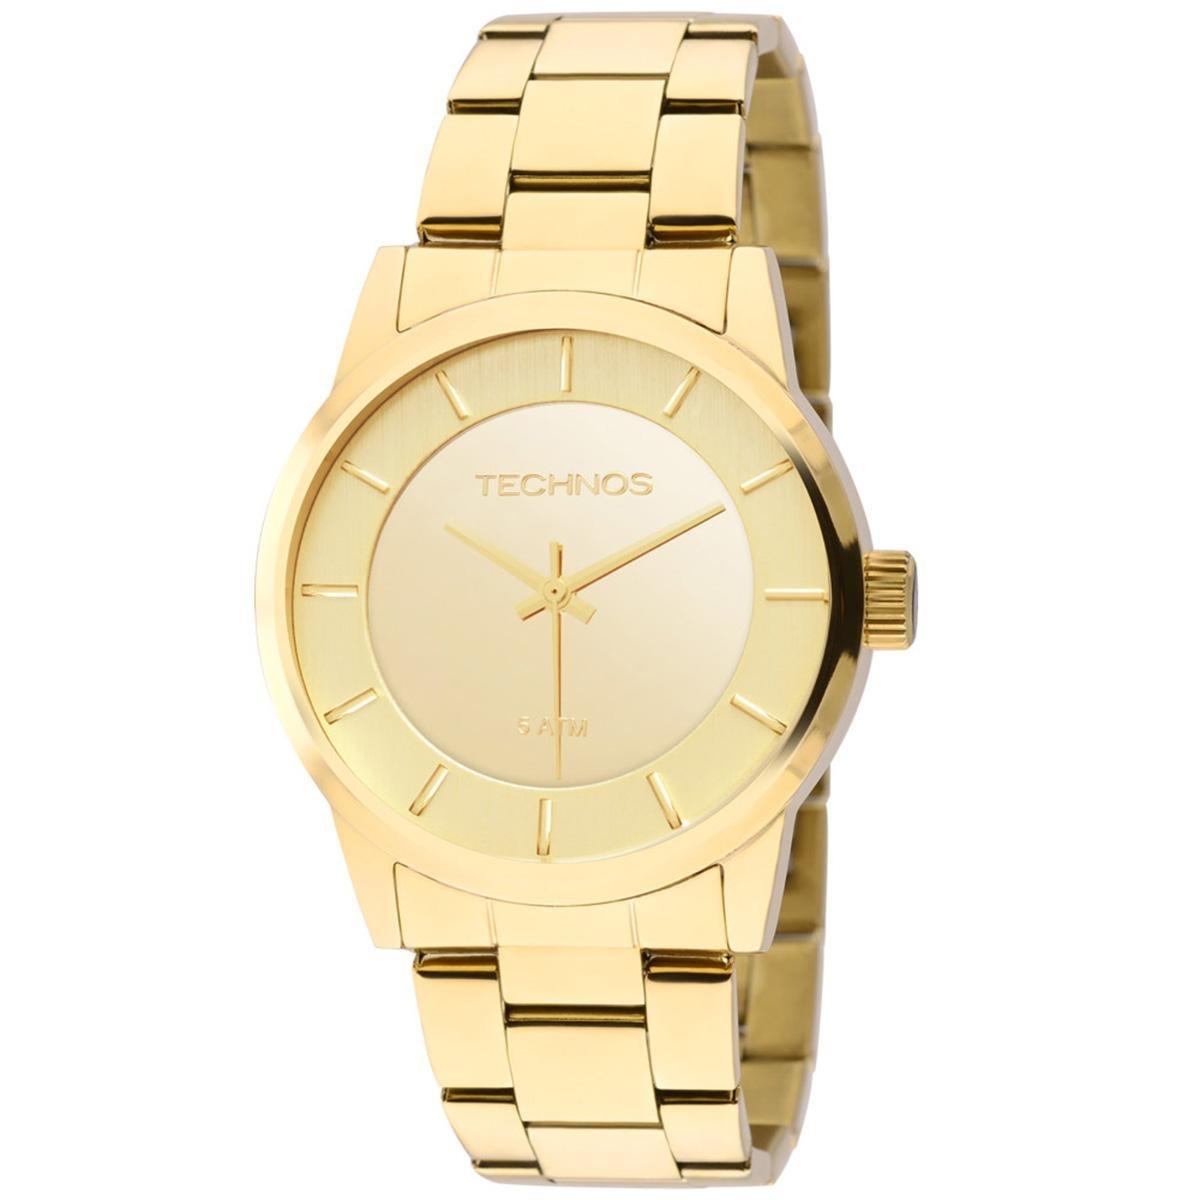 379807f0a8a68 Relógio Feminino Technos Trend 2035lqa 4d 38mm Aço Dourado - R  286 ...